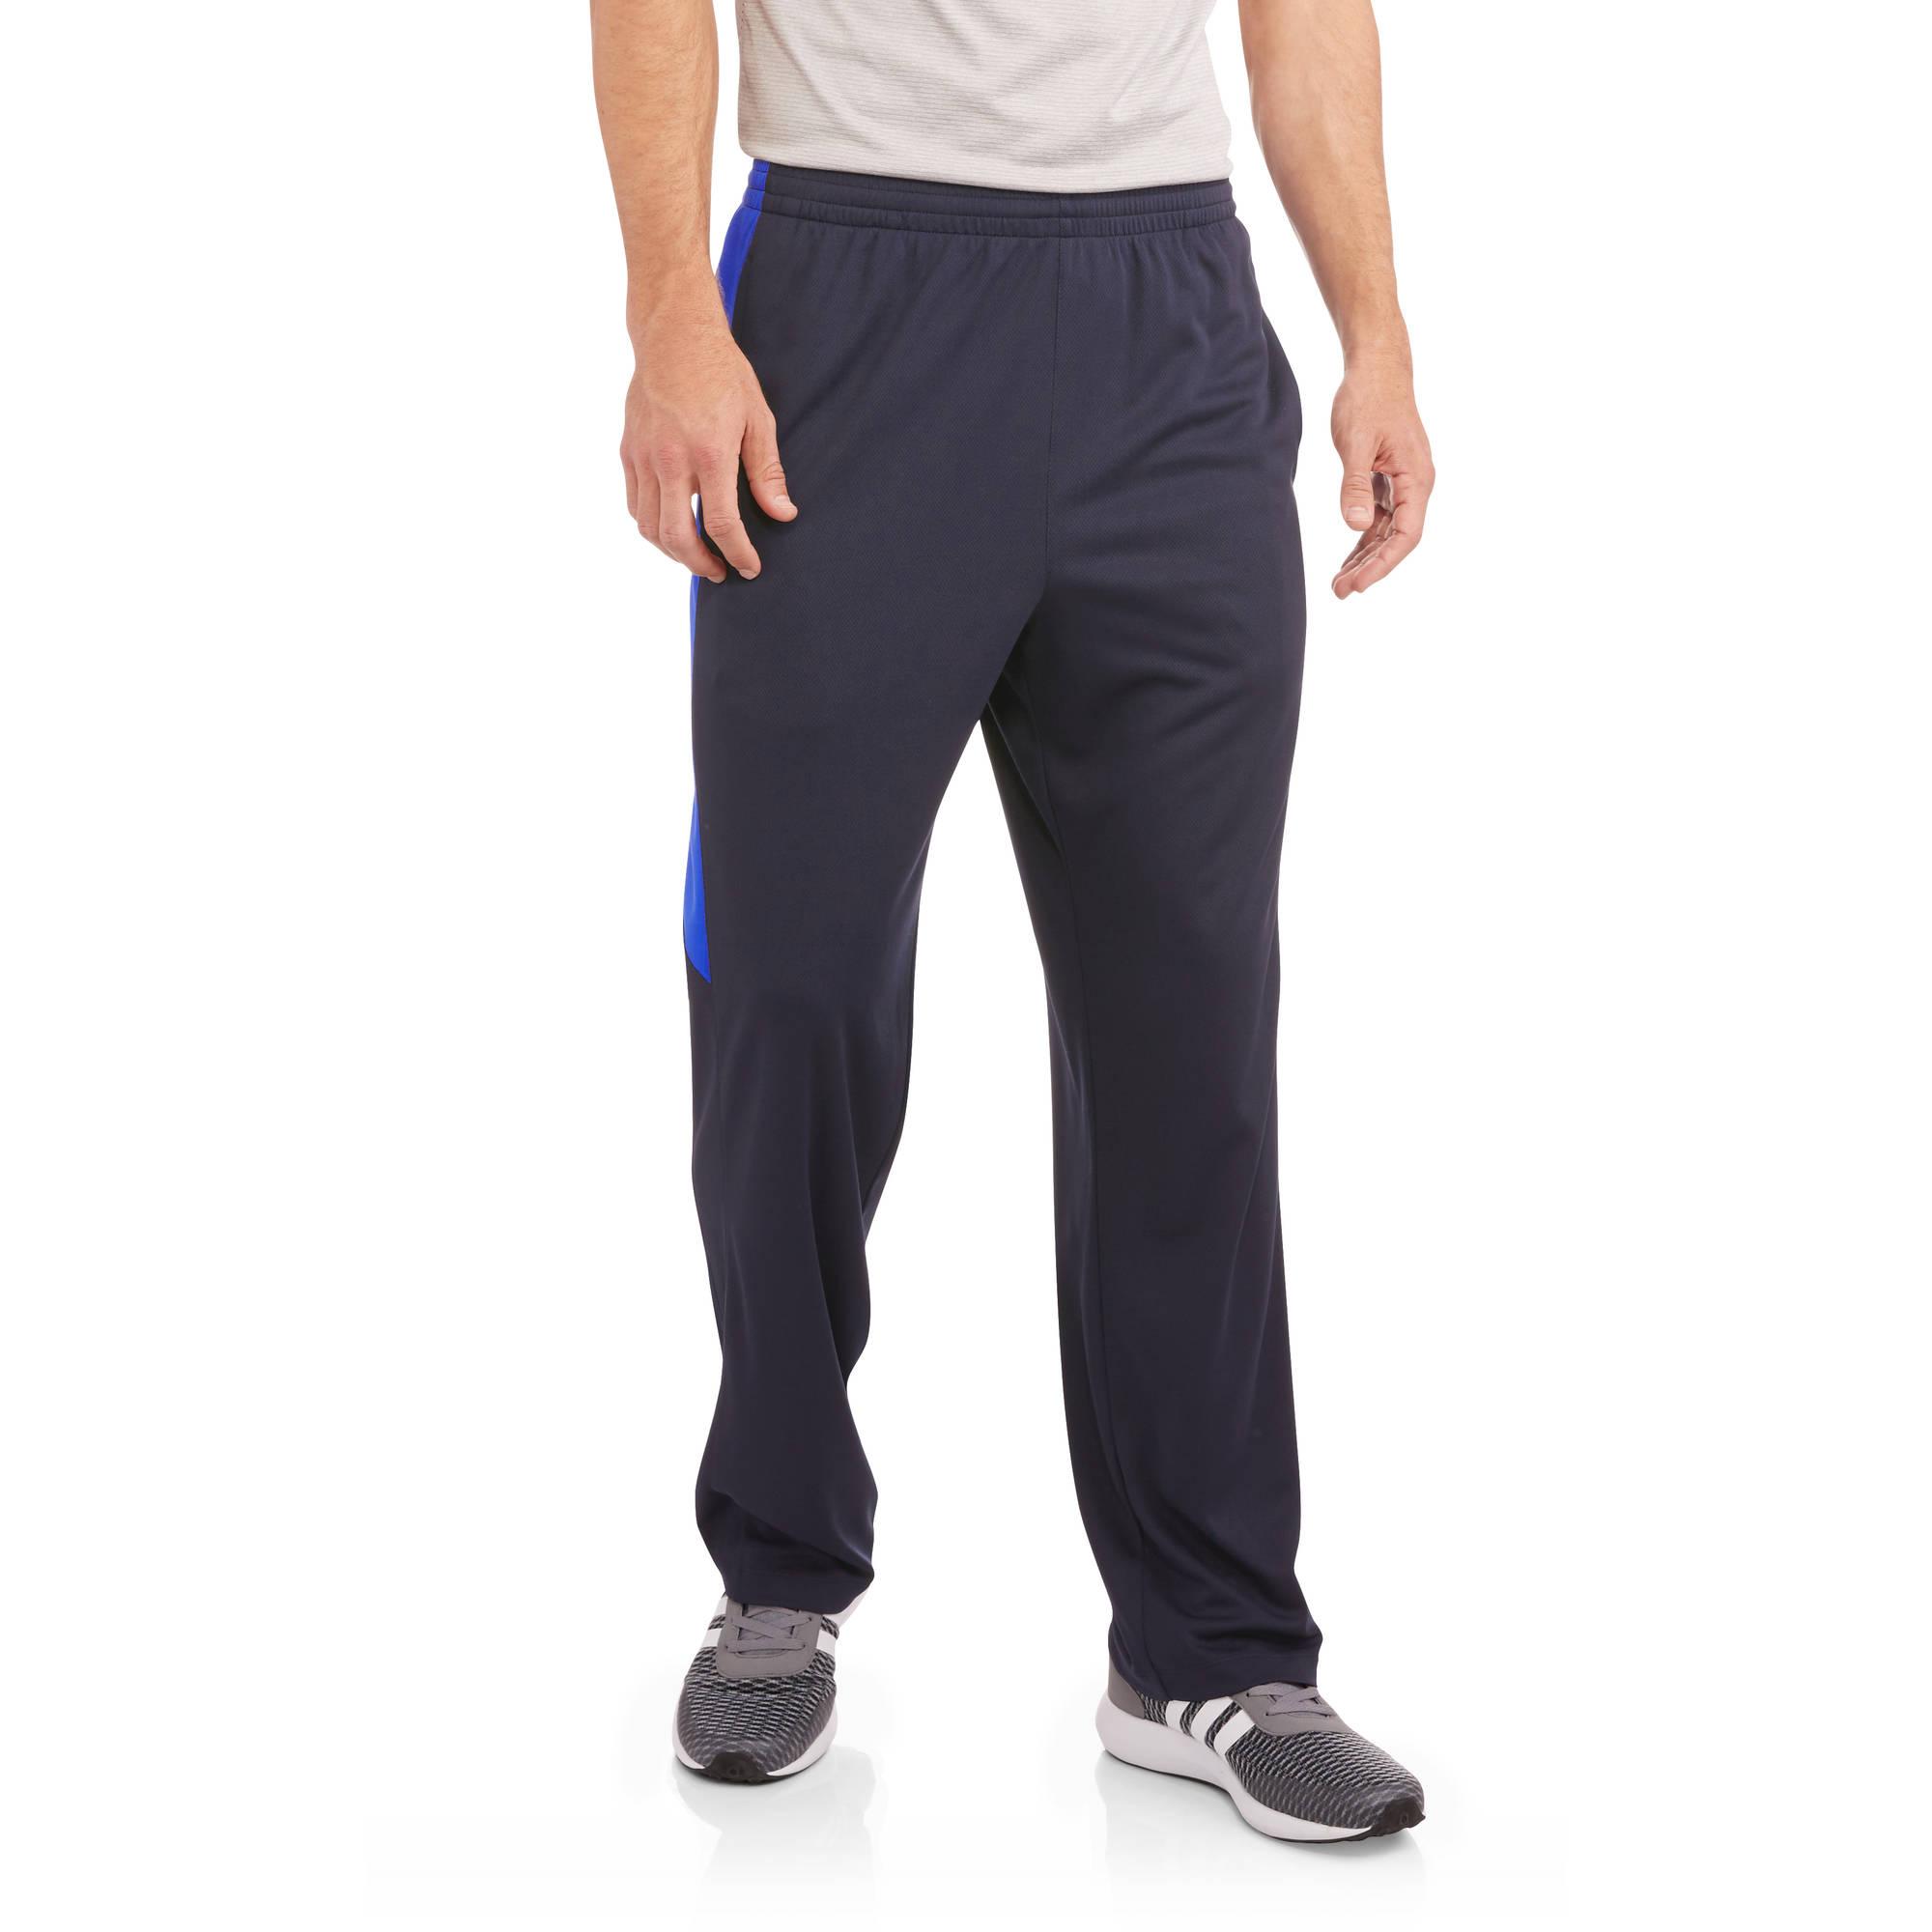 Athletic Works - Men's Mesh Pant - Walmart.com